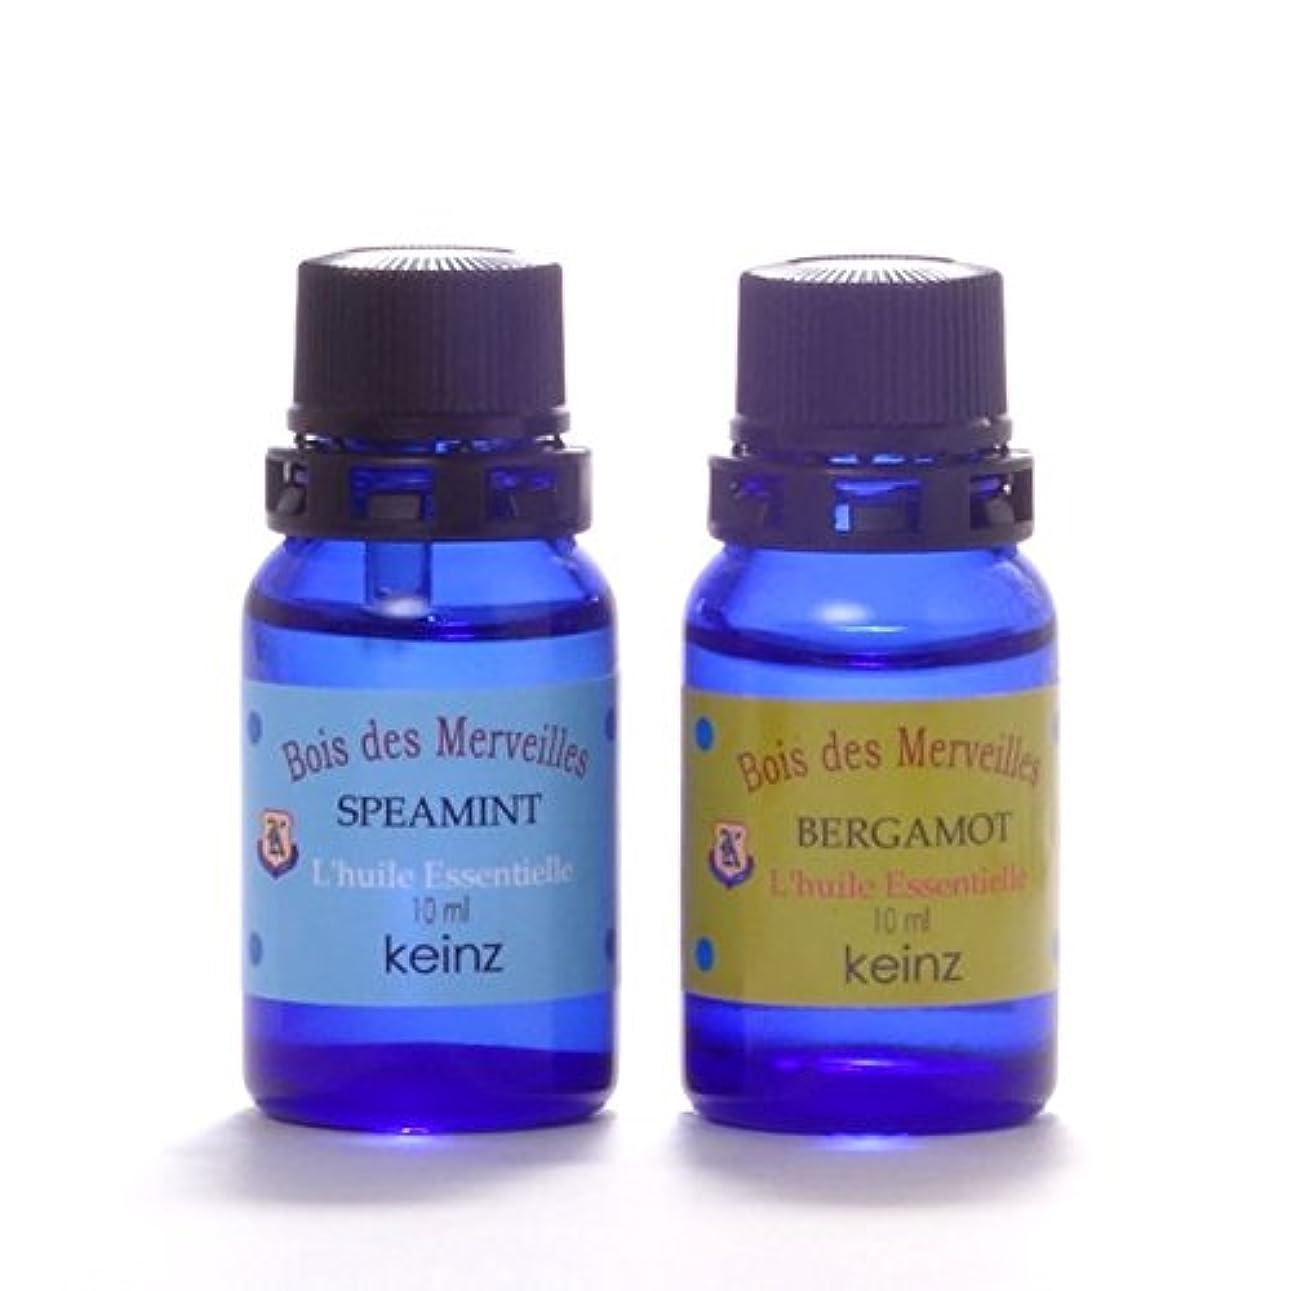 開拓者夫読者keinzエッセンシャルオイル「ベルガモット10ml&スペアミント10ml」2種1セット ケインズ正規品 製造国アメリカ 完全無添加 人工香料は使っていません。